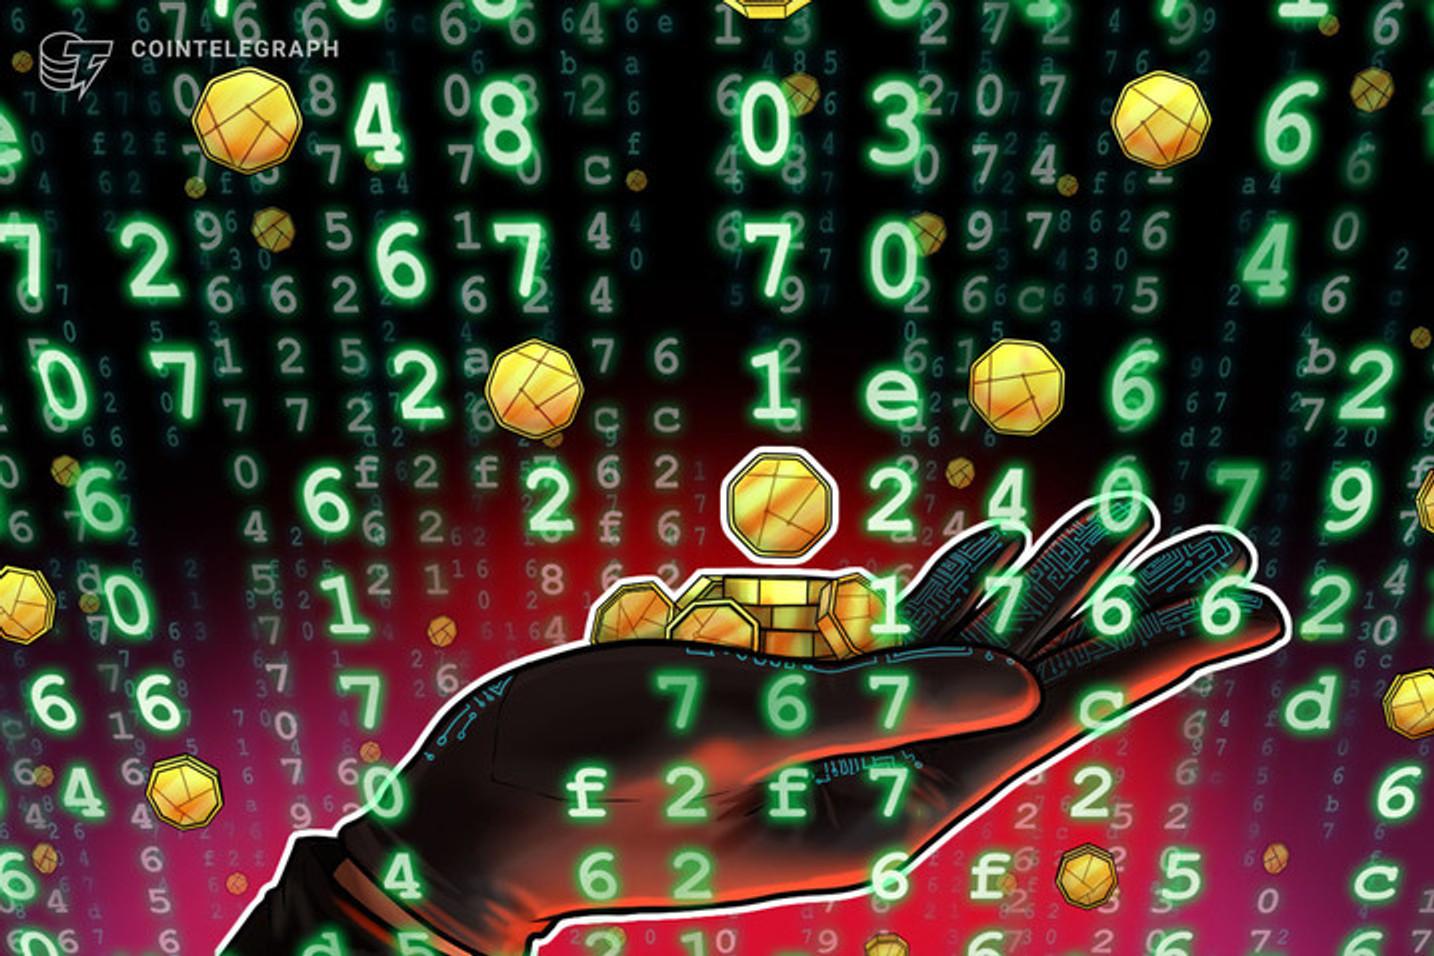 Criminosos usam pré-cadastro falso do PIX para roubar dados